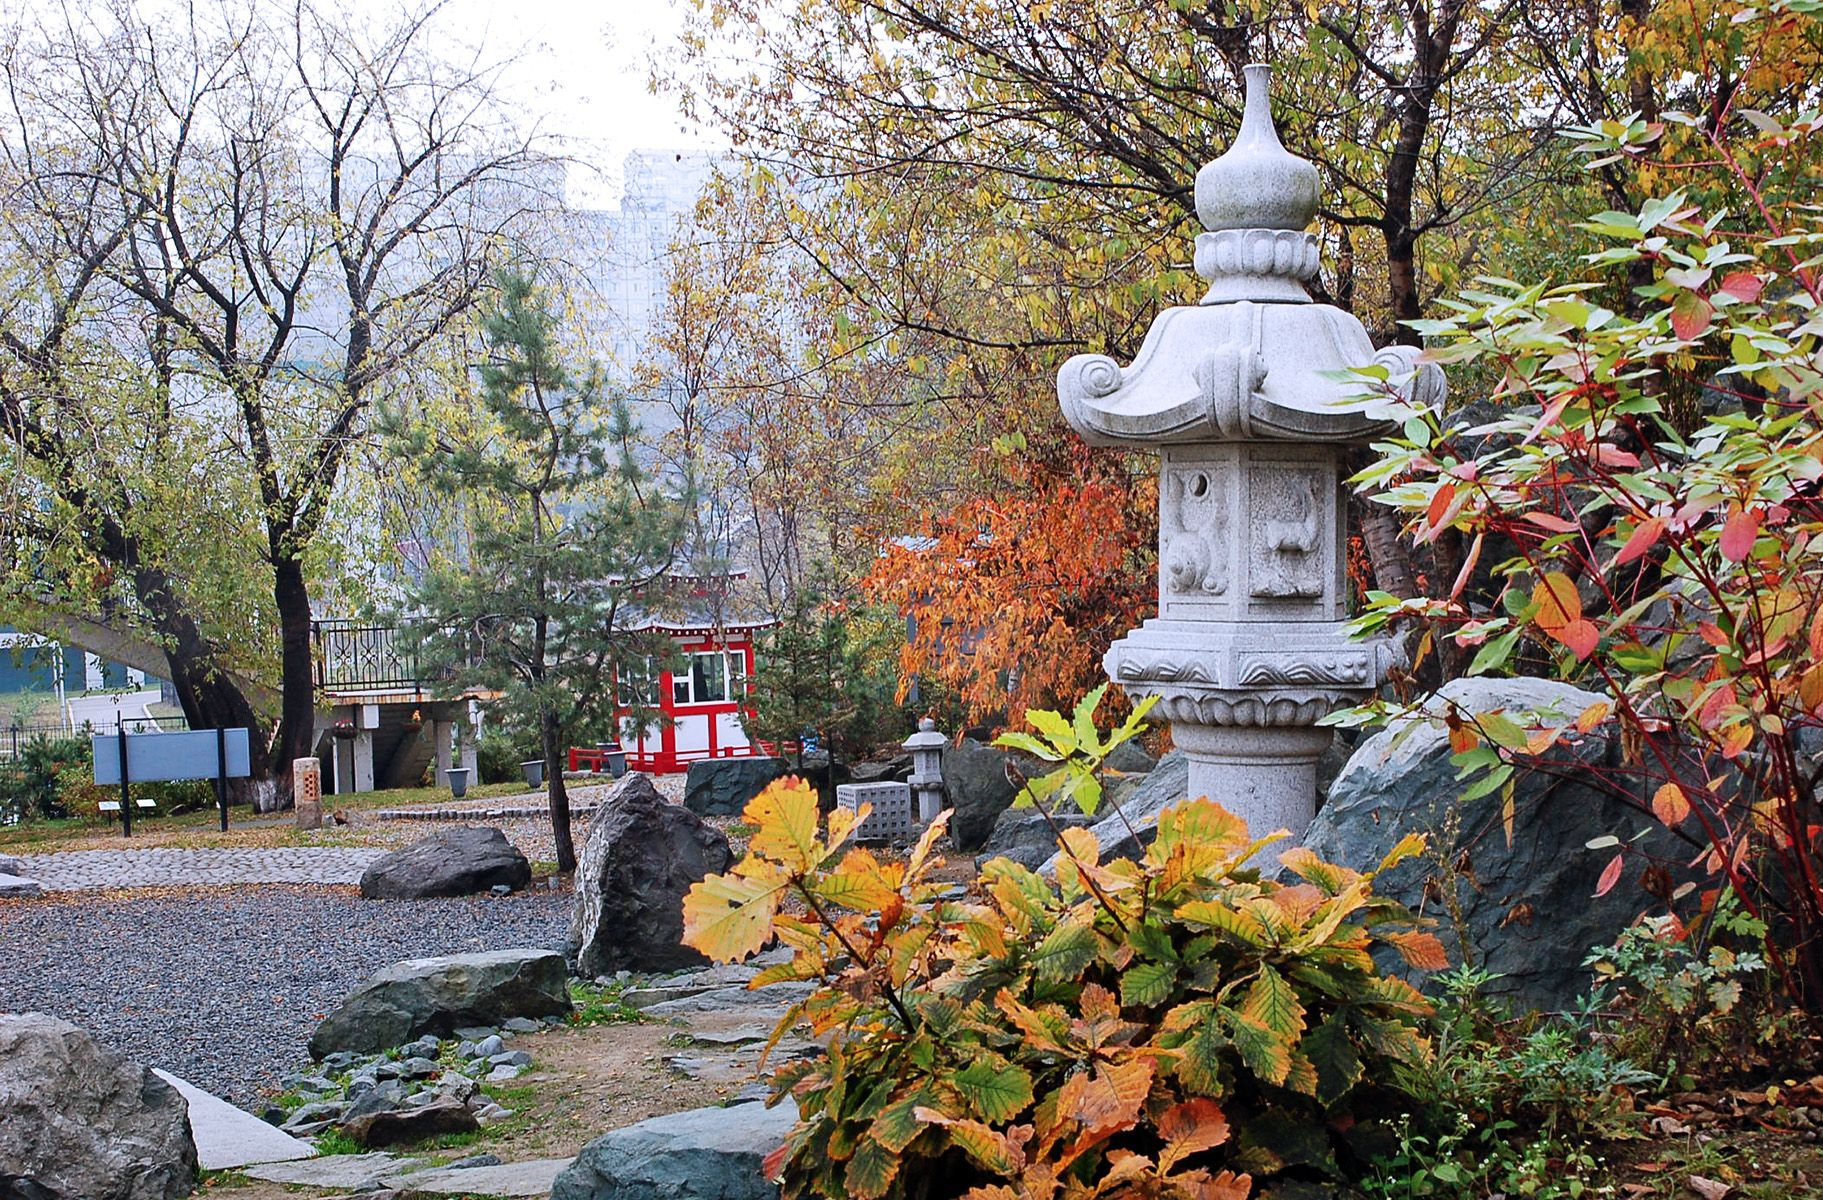 МИД Японии поддержит проект реконструкции японского сада камней ВГУЭС